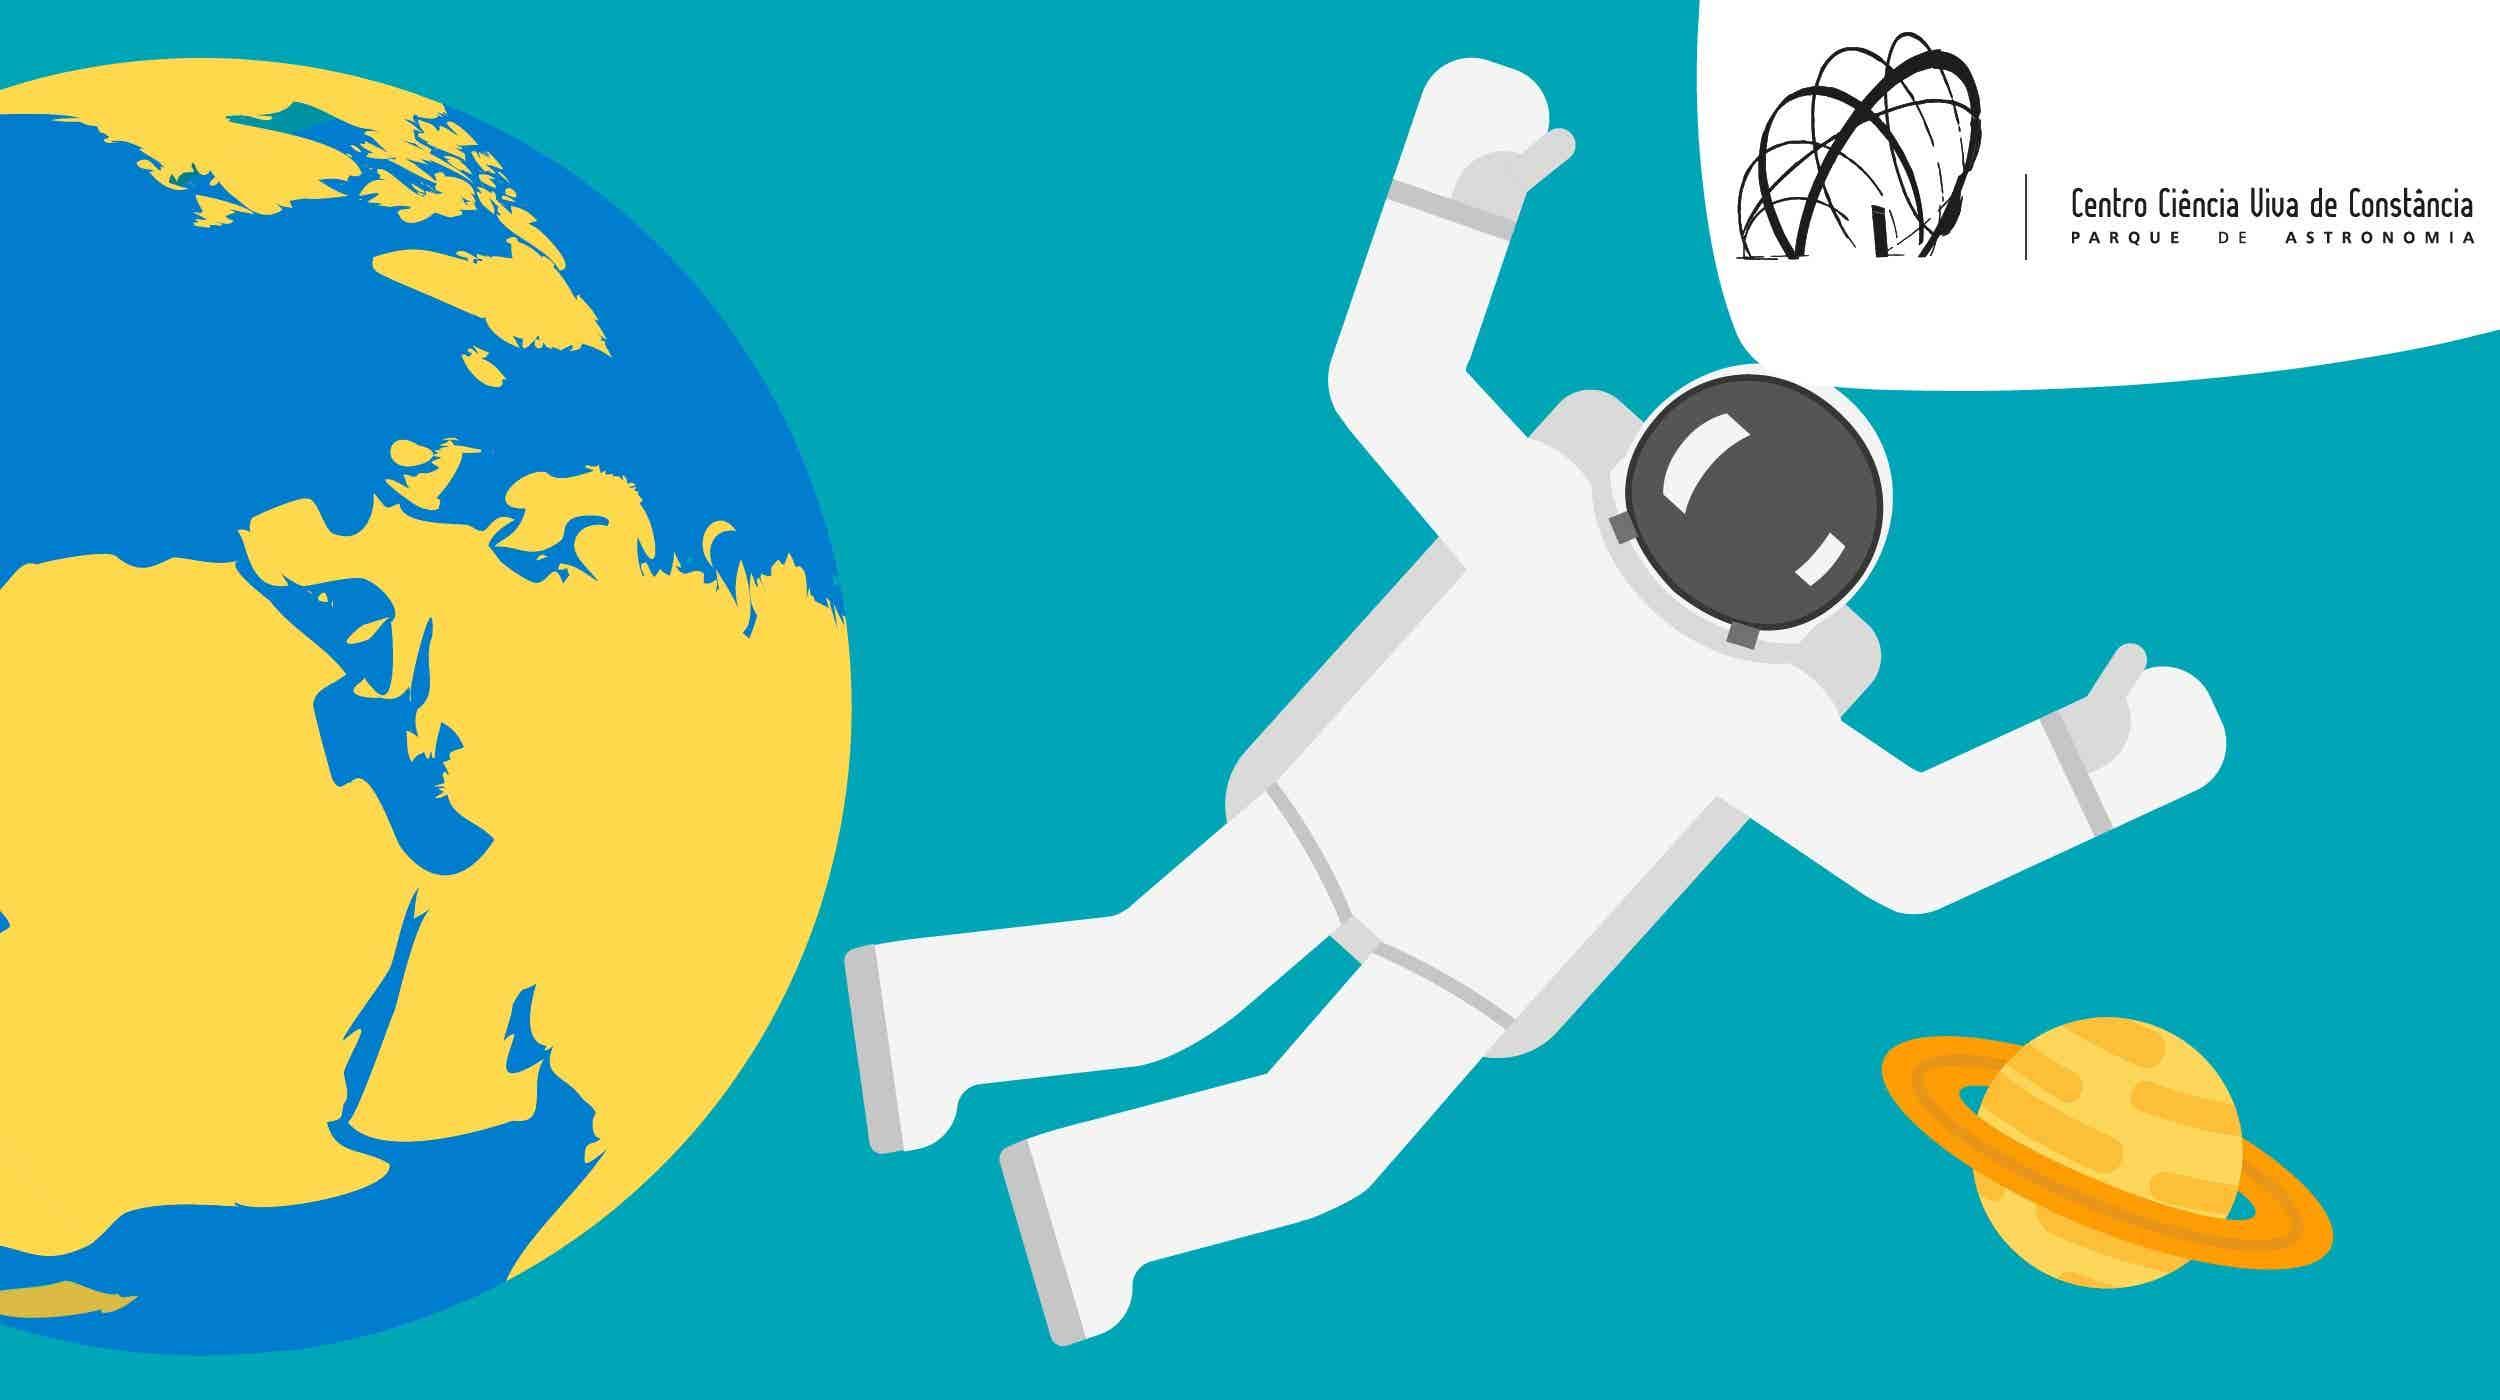 Os cientistas já descobriram algum planeta parecido com a terra, onde exista vida como a nossa?